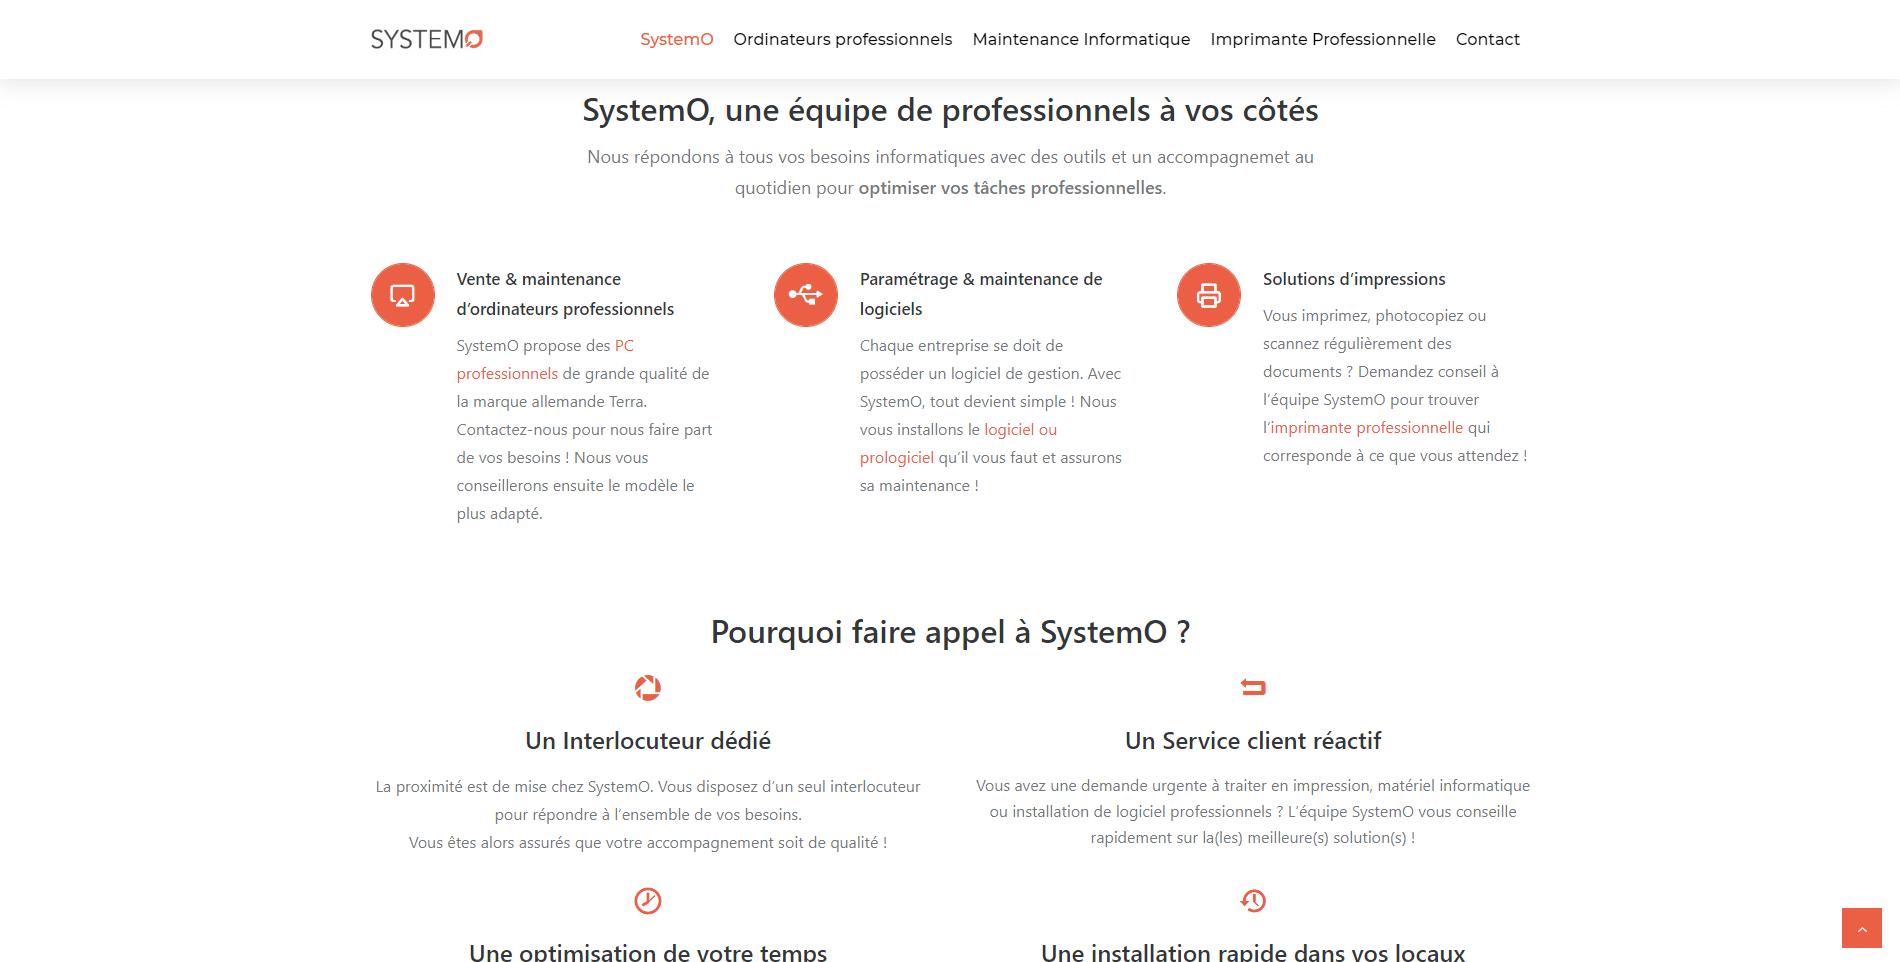 Systemo est un client de l'agence web Karedess, agence web situé à Mulhouse